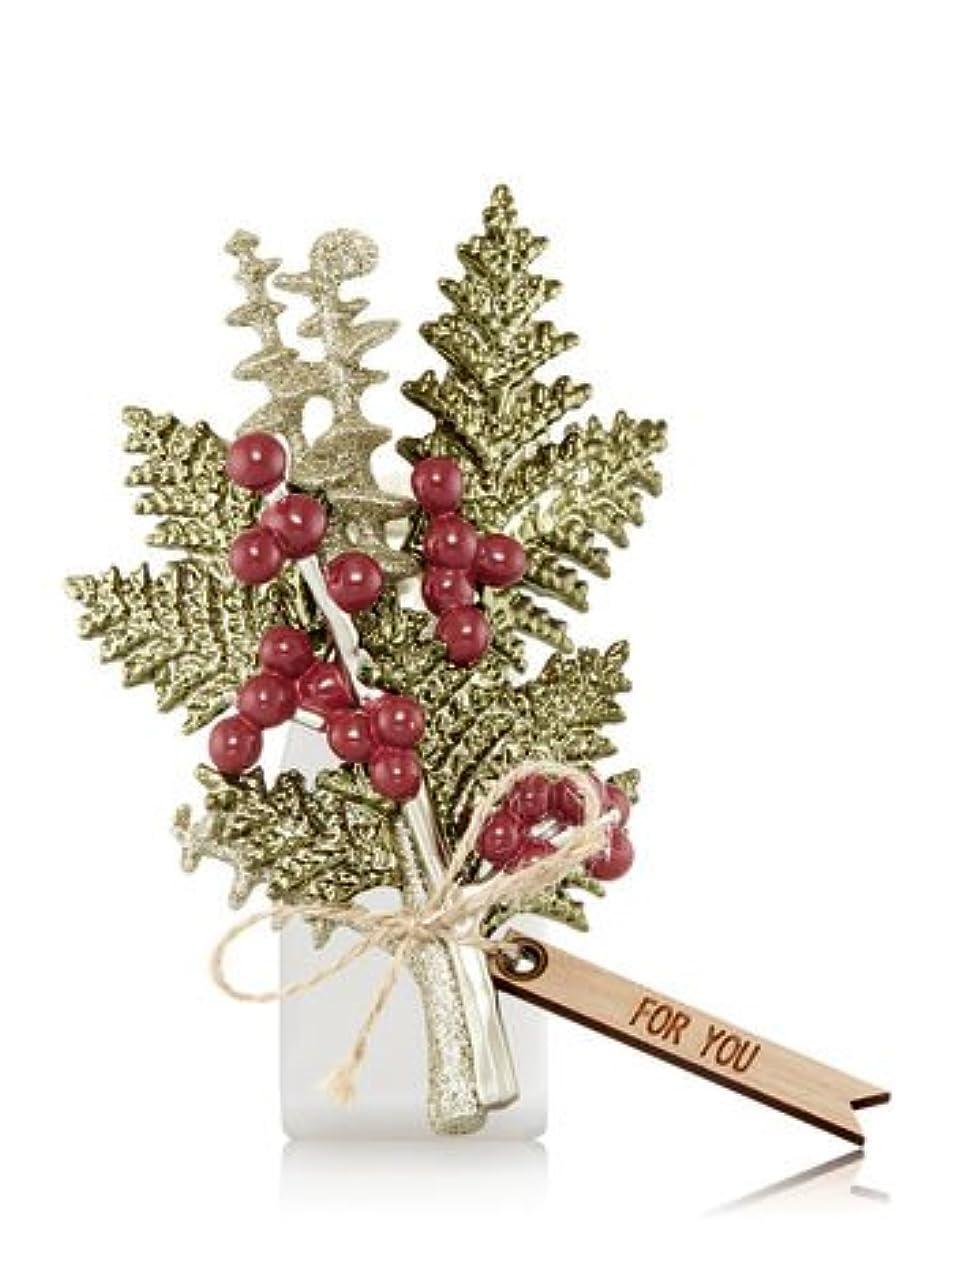 協力ボンドアンデス山脈【Bath&Body Works/バス&ボディワークス】 ルームフレグランス プラグインスターター (本体のみ) ウィンターボタニカル Wallflowers Fragrance Plug Winter Botanical...